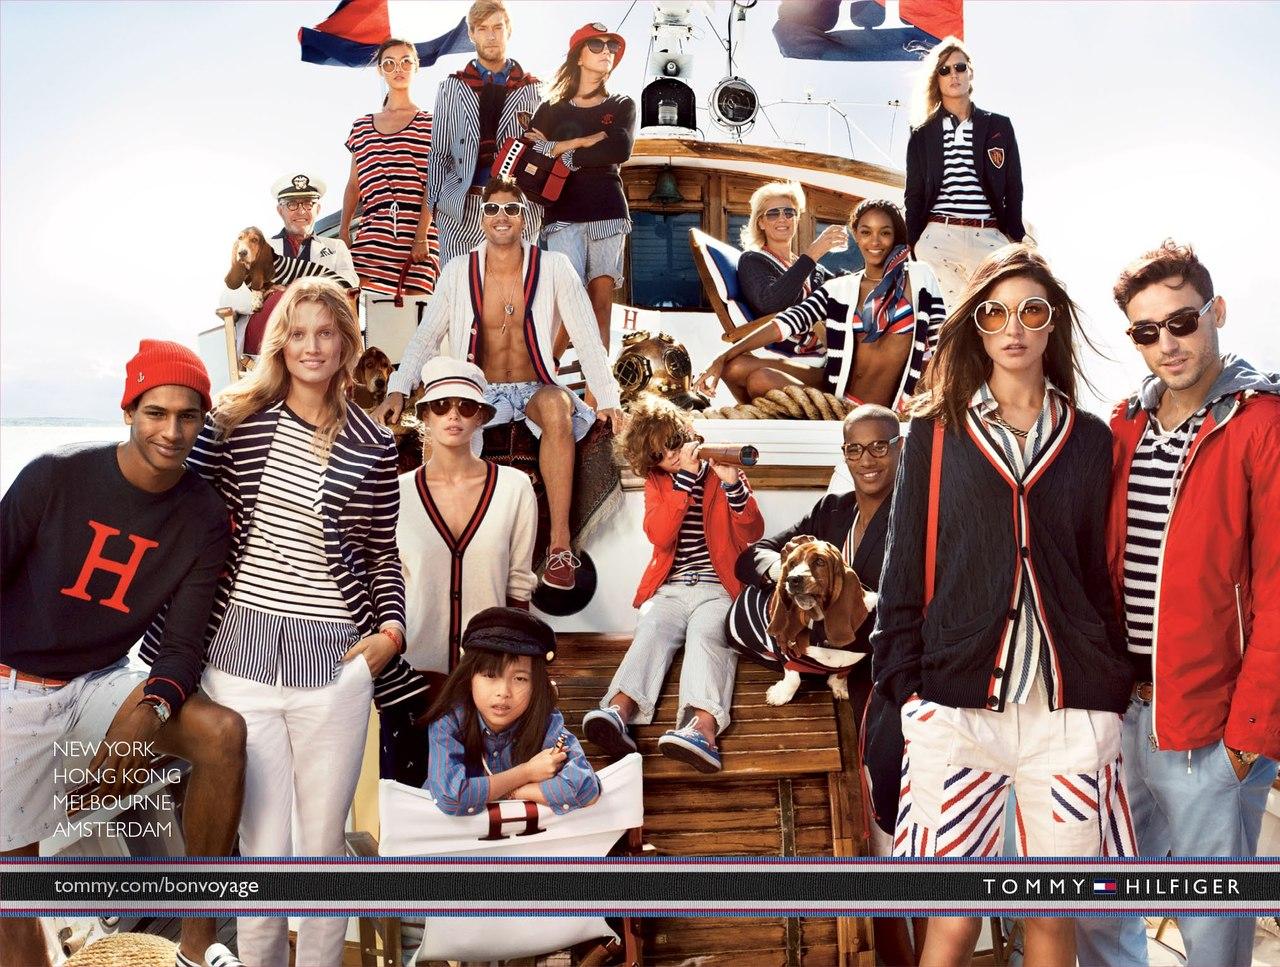 http://2.bp.blogspot.com/-ytZtj_je-Rg/UPuBg9hR3WI/AAAAAAAAbUQ/2HeMHNe8skI/s1600/Jacquelyn+Jablonski,+Toni+Garrn+and+Jourdan+Dunn+for+Tommy+Hilfiger+SS+2013+Ad+Campaign+6.jpg